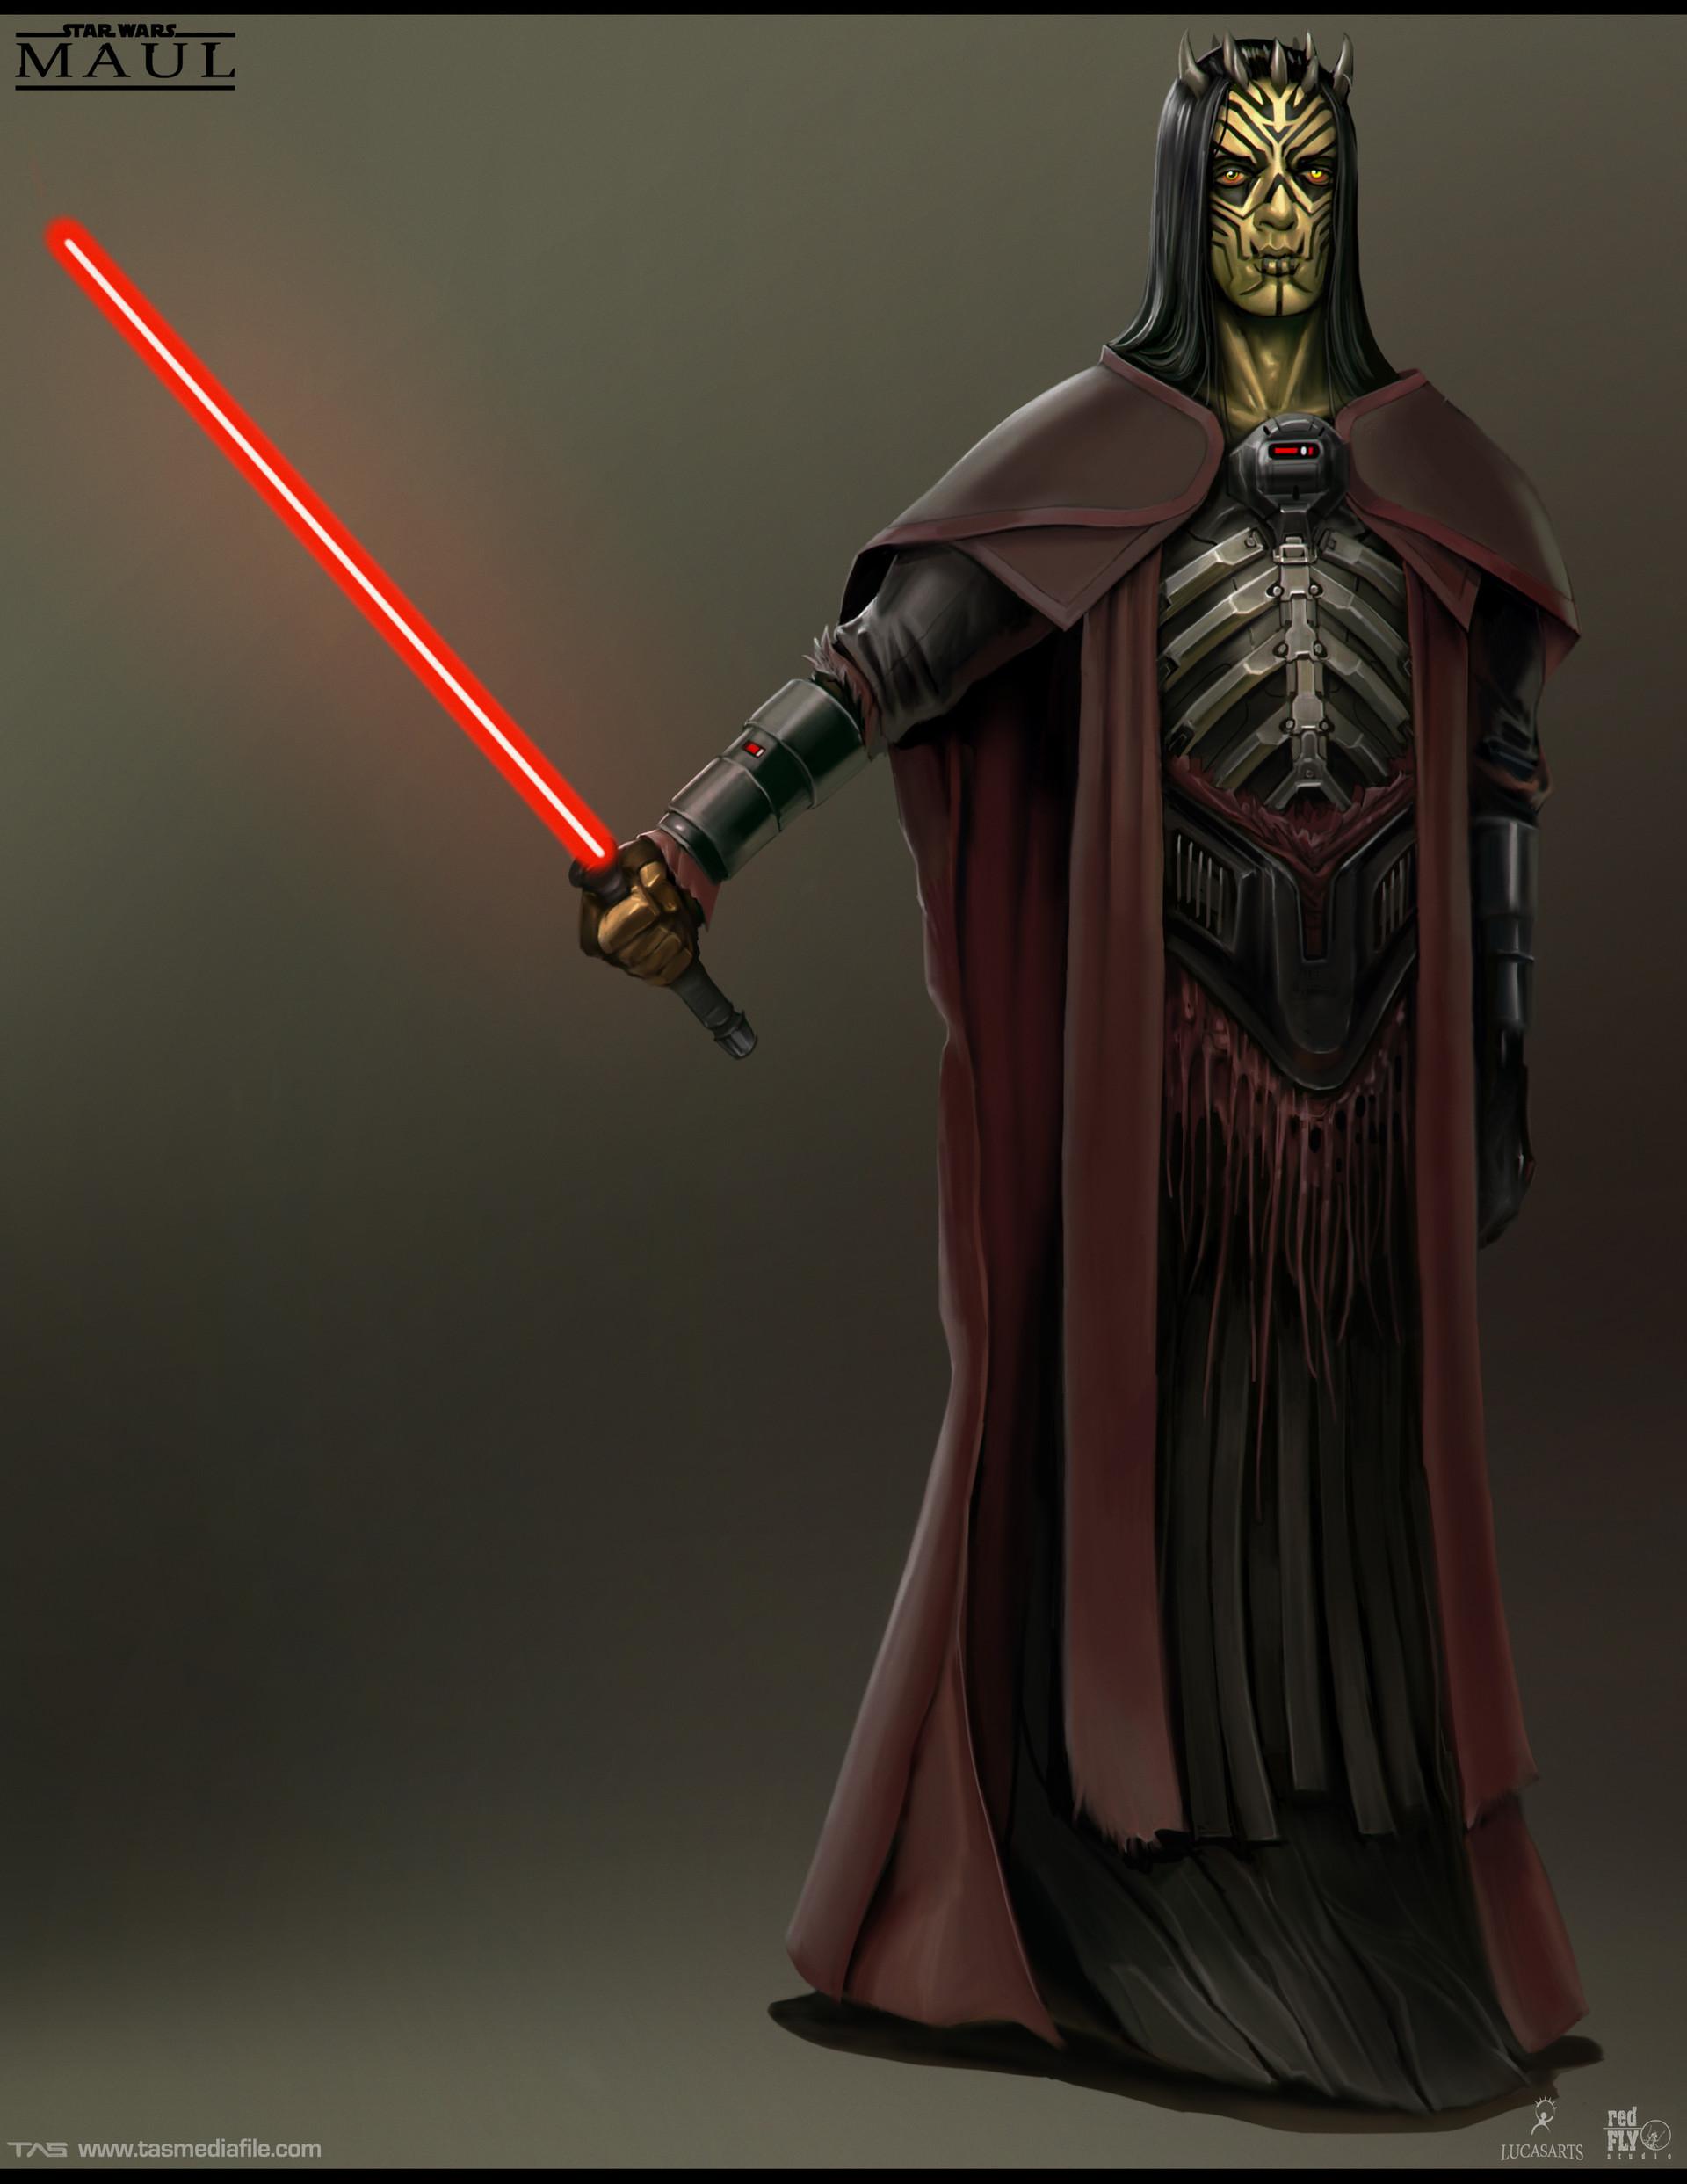 Množství obrazových materiálů ze zrušené Star Wars hry s Darthem Maulem 136599